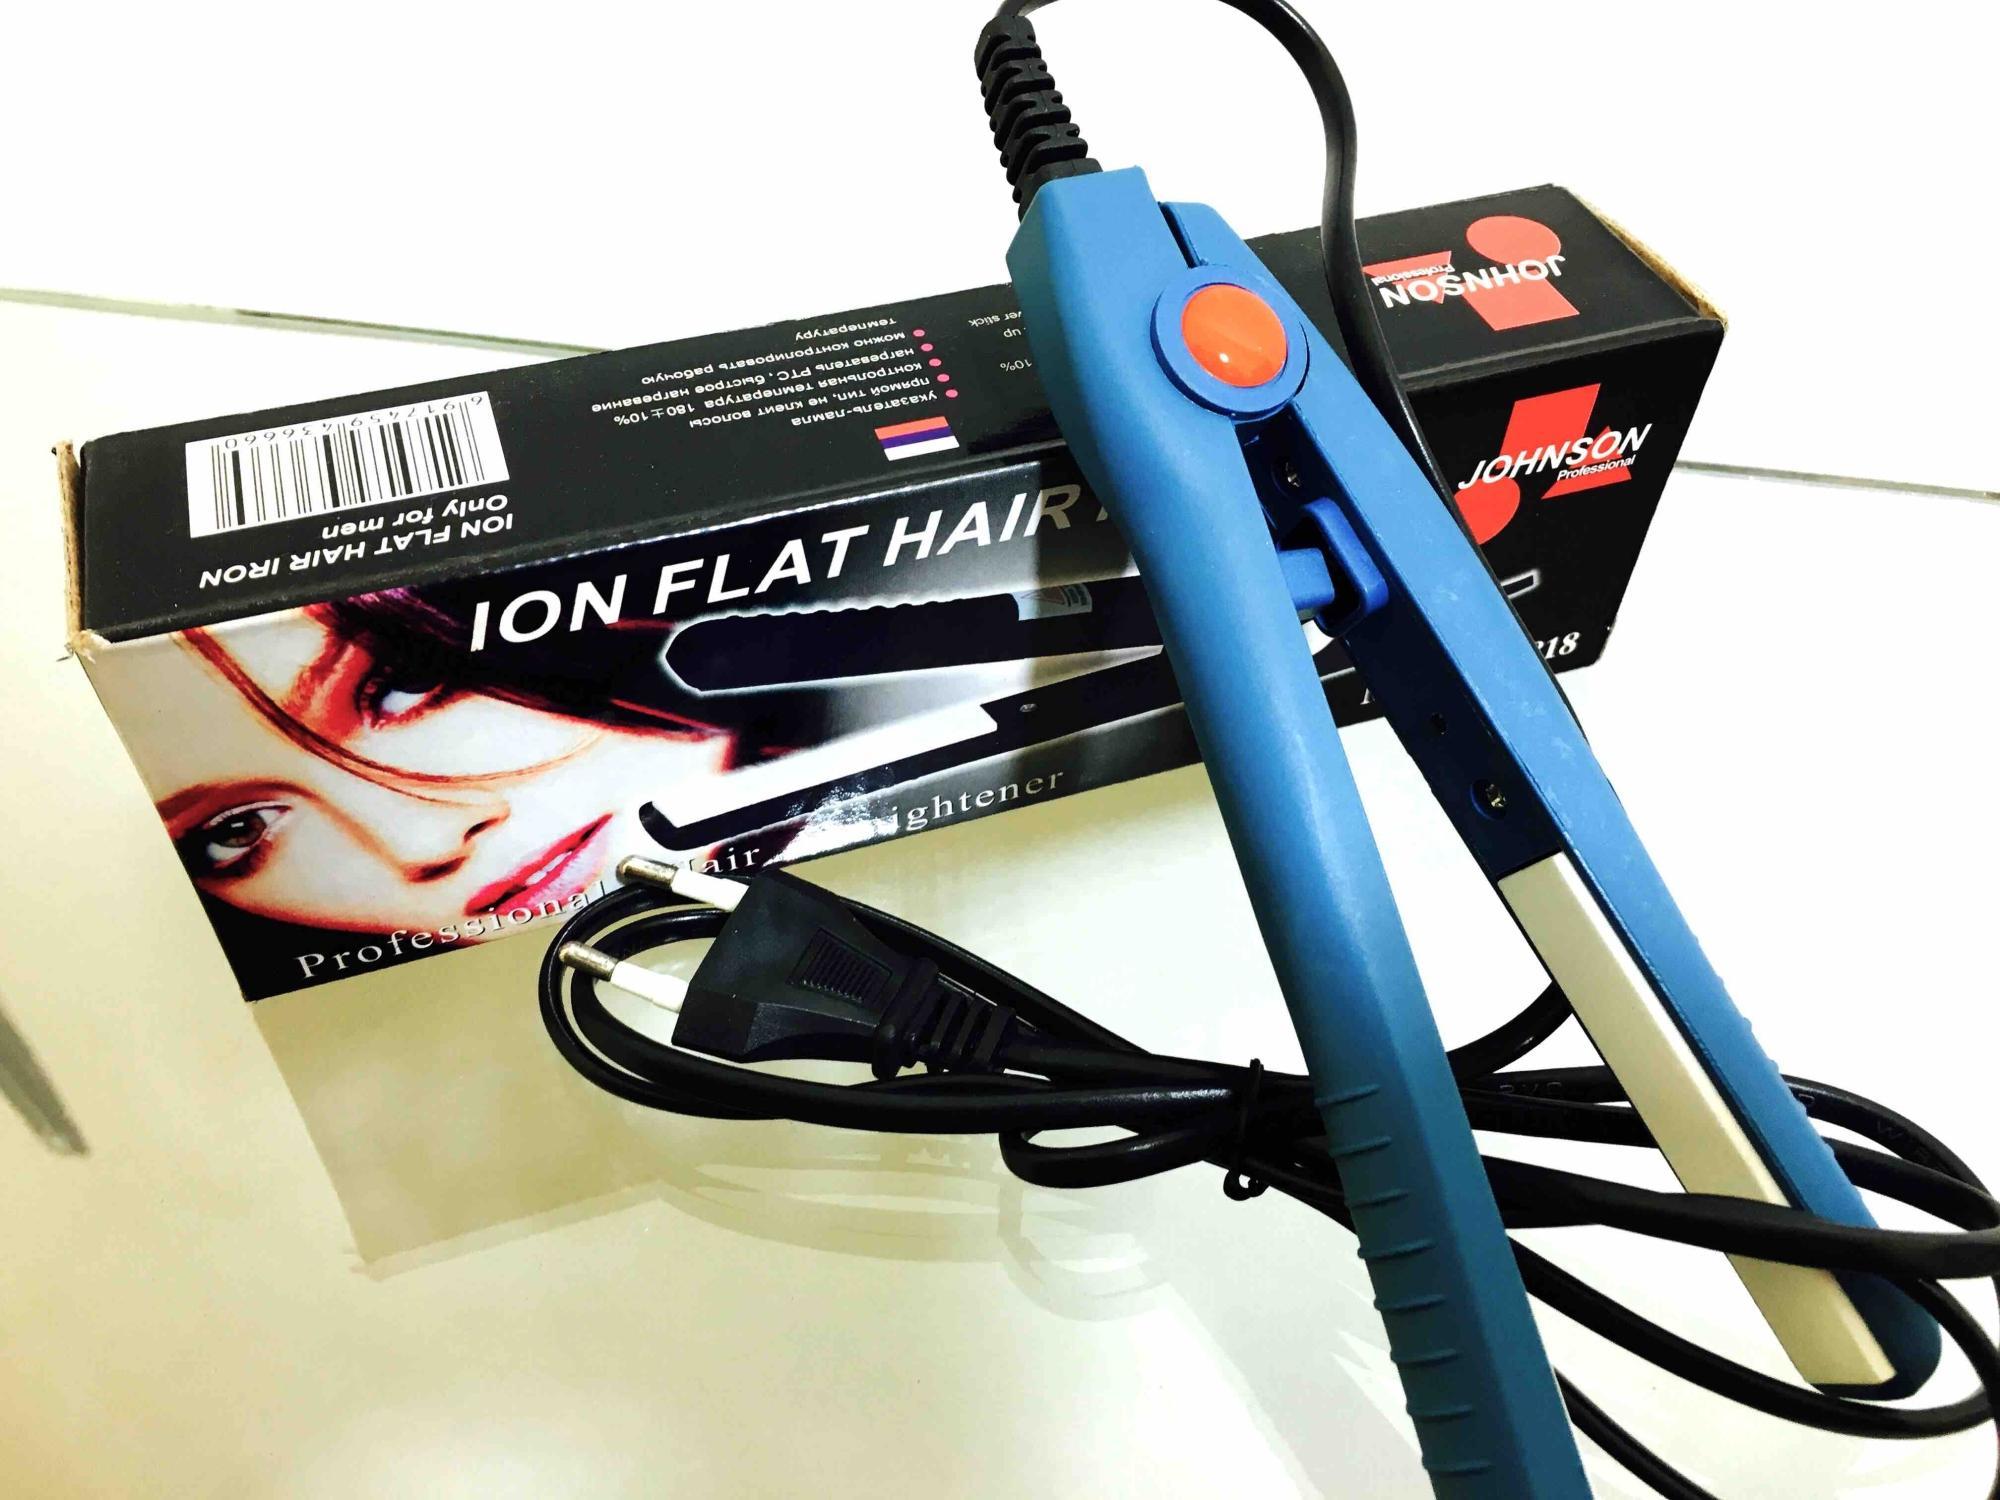 Ion Flat Hair Iron Straightener